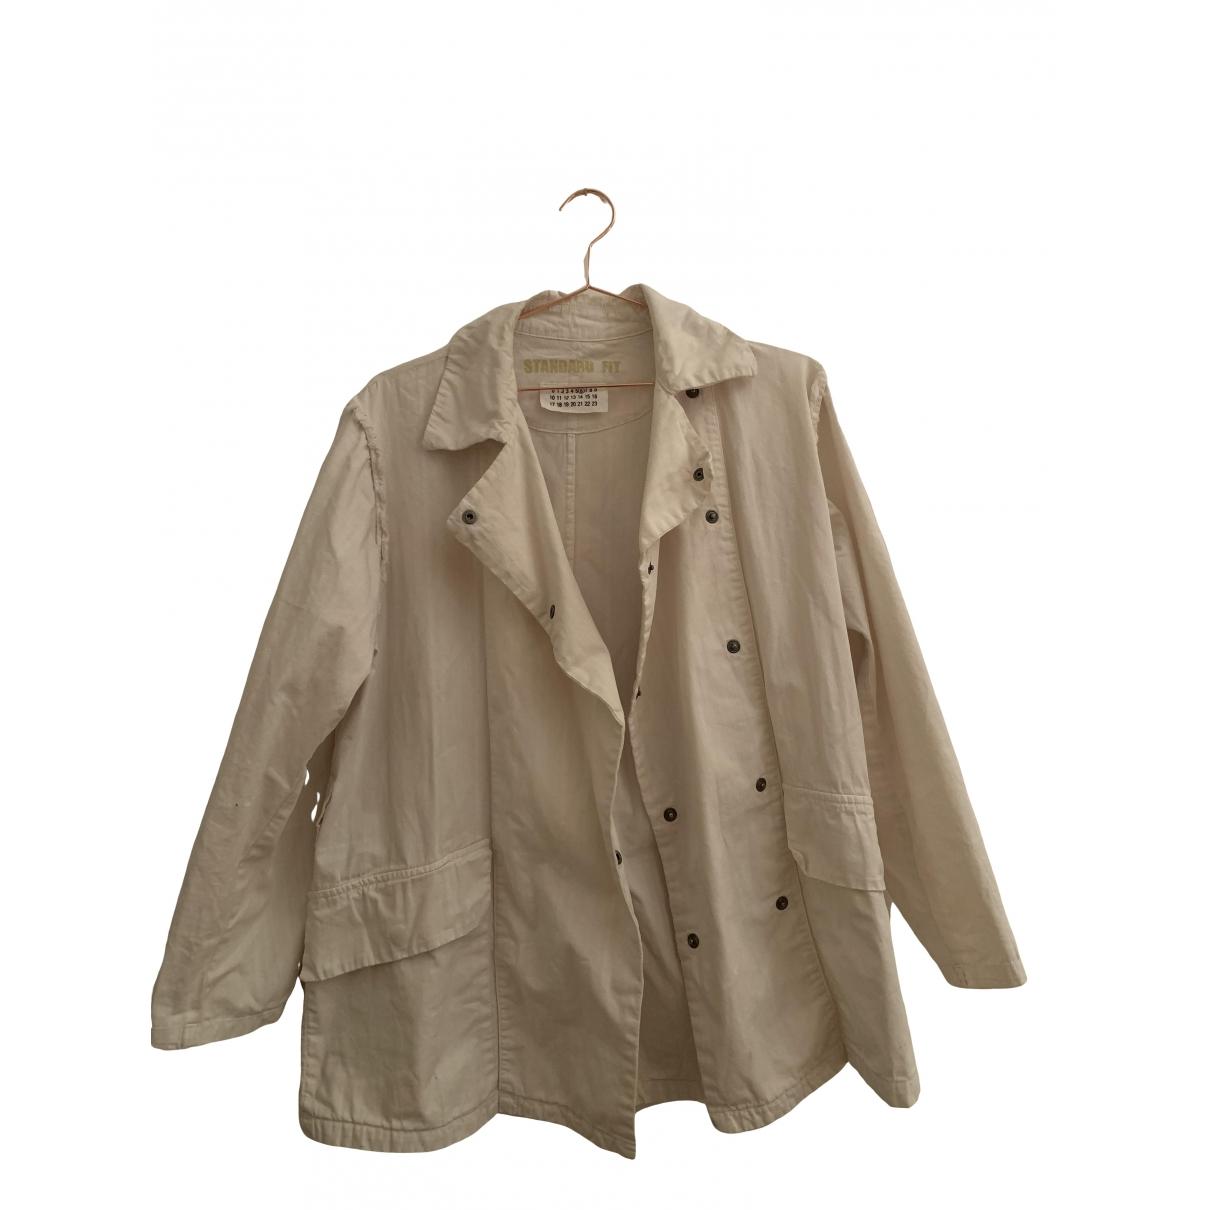 Mm6 \N Beige Cotton jacket for Women 44 IT